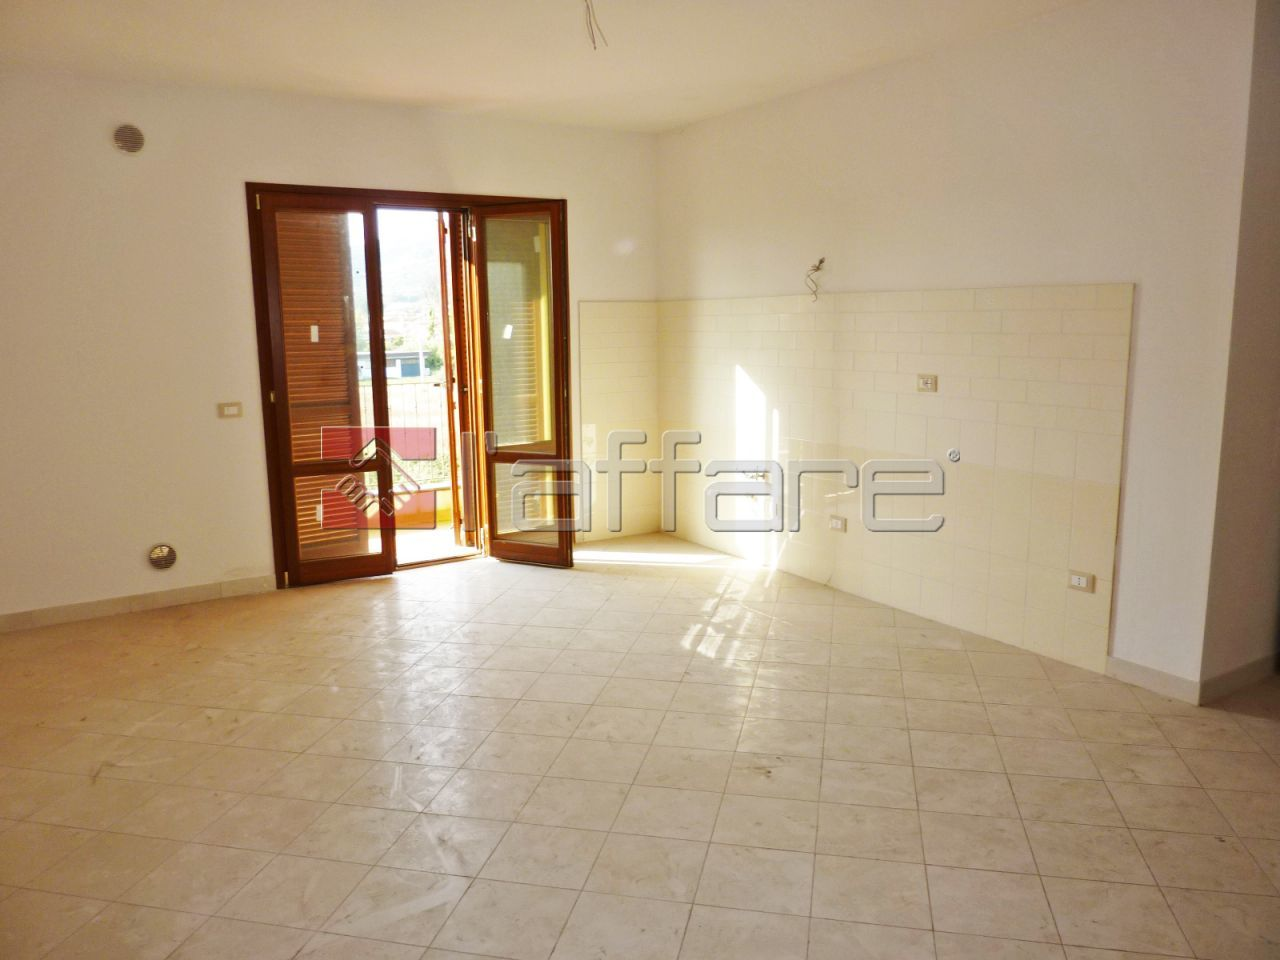 Appartamento in vendita - Traversagna, Massa e Cozzile